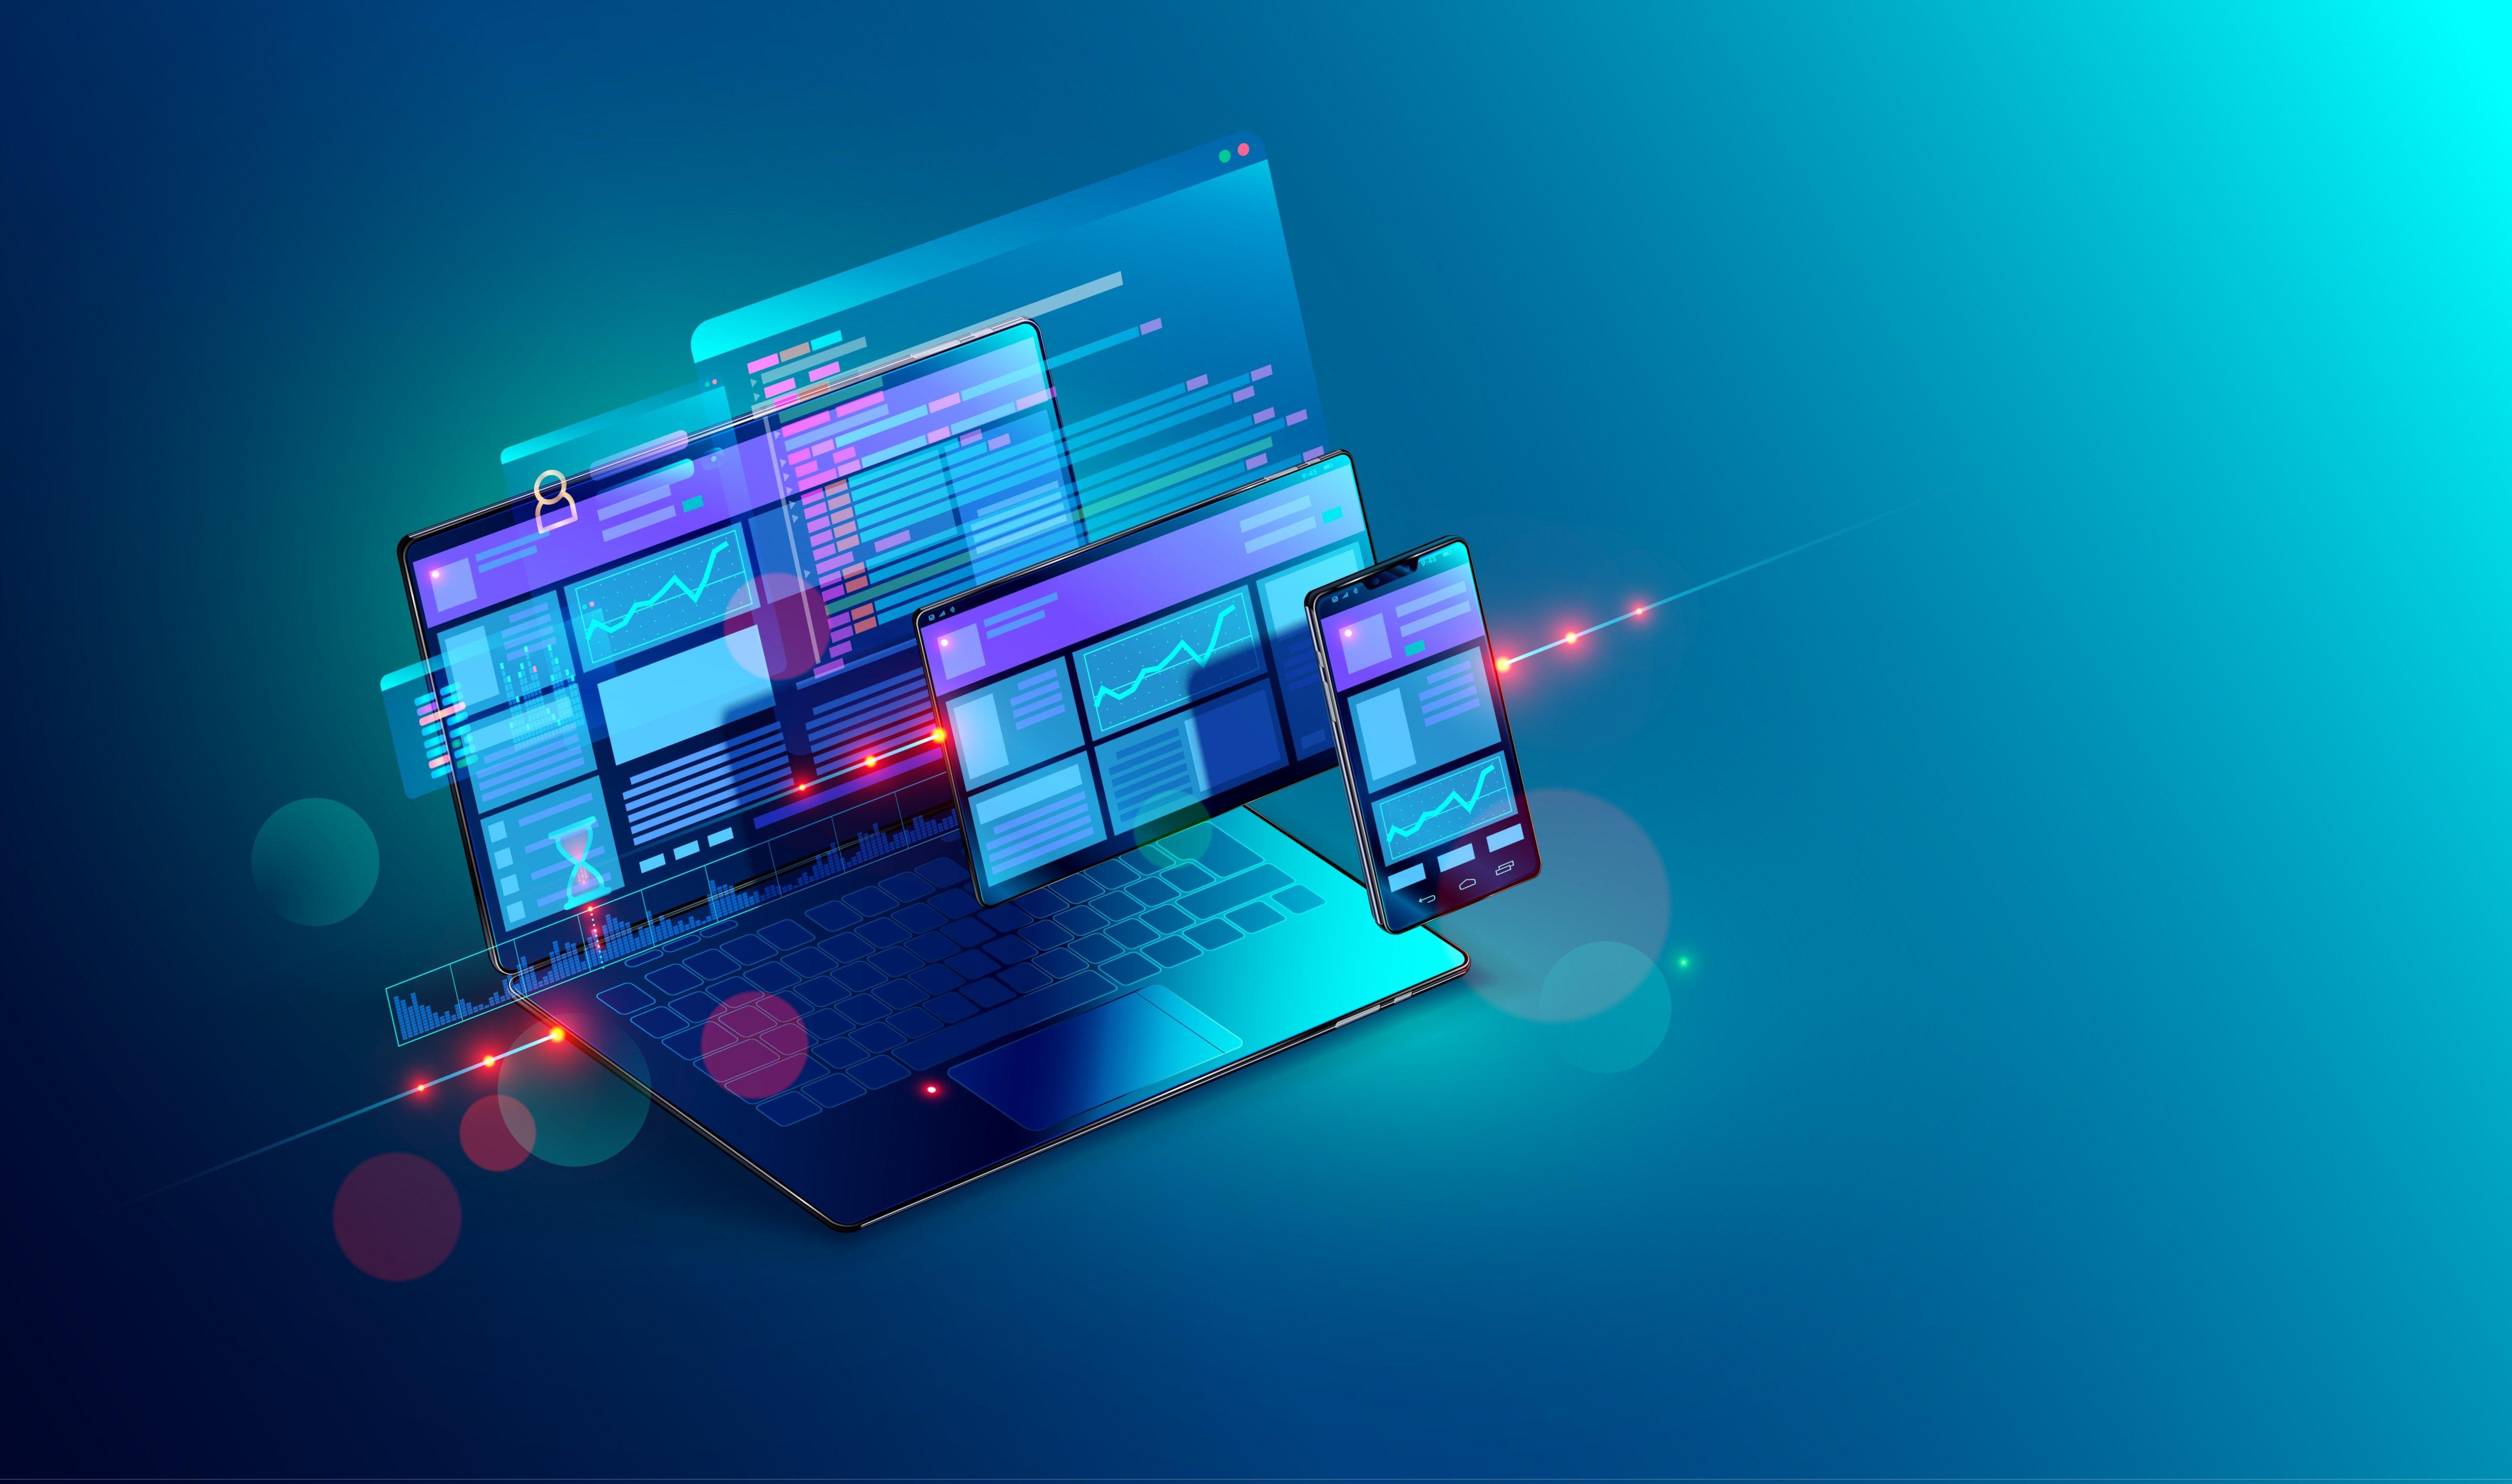 網路世界蓬勃發展,為企業數位轉型升級的8種網路應用服務